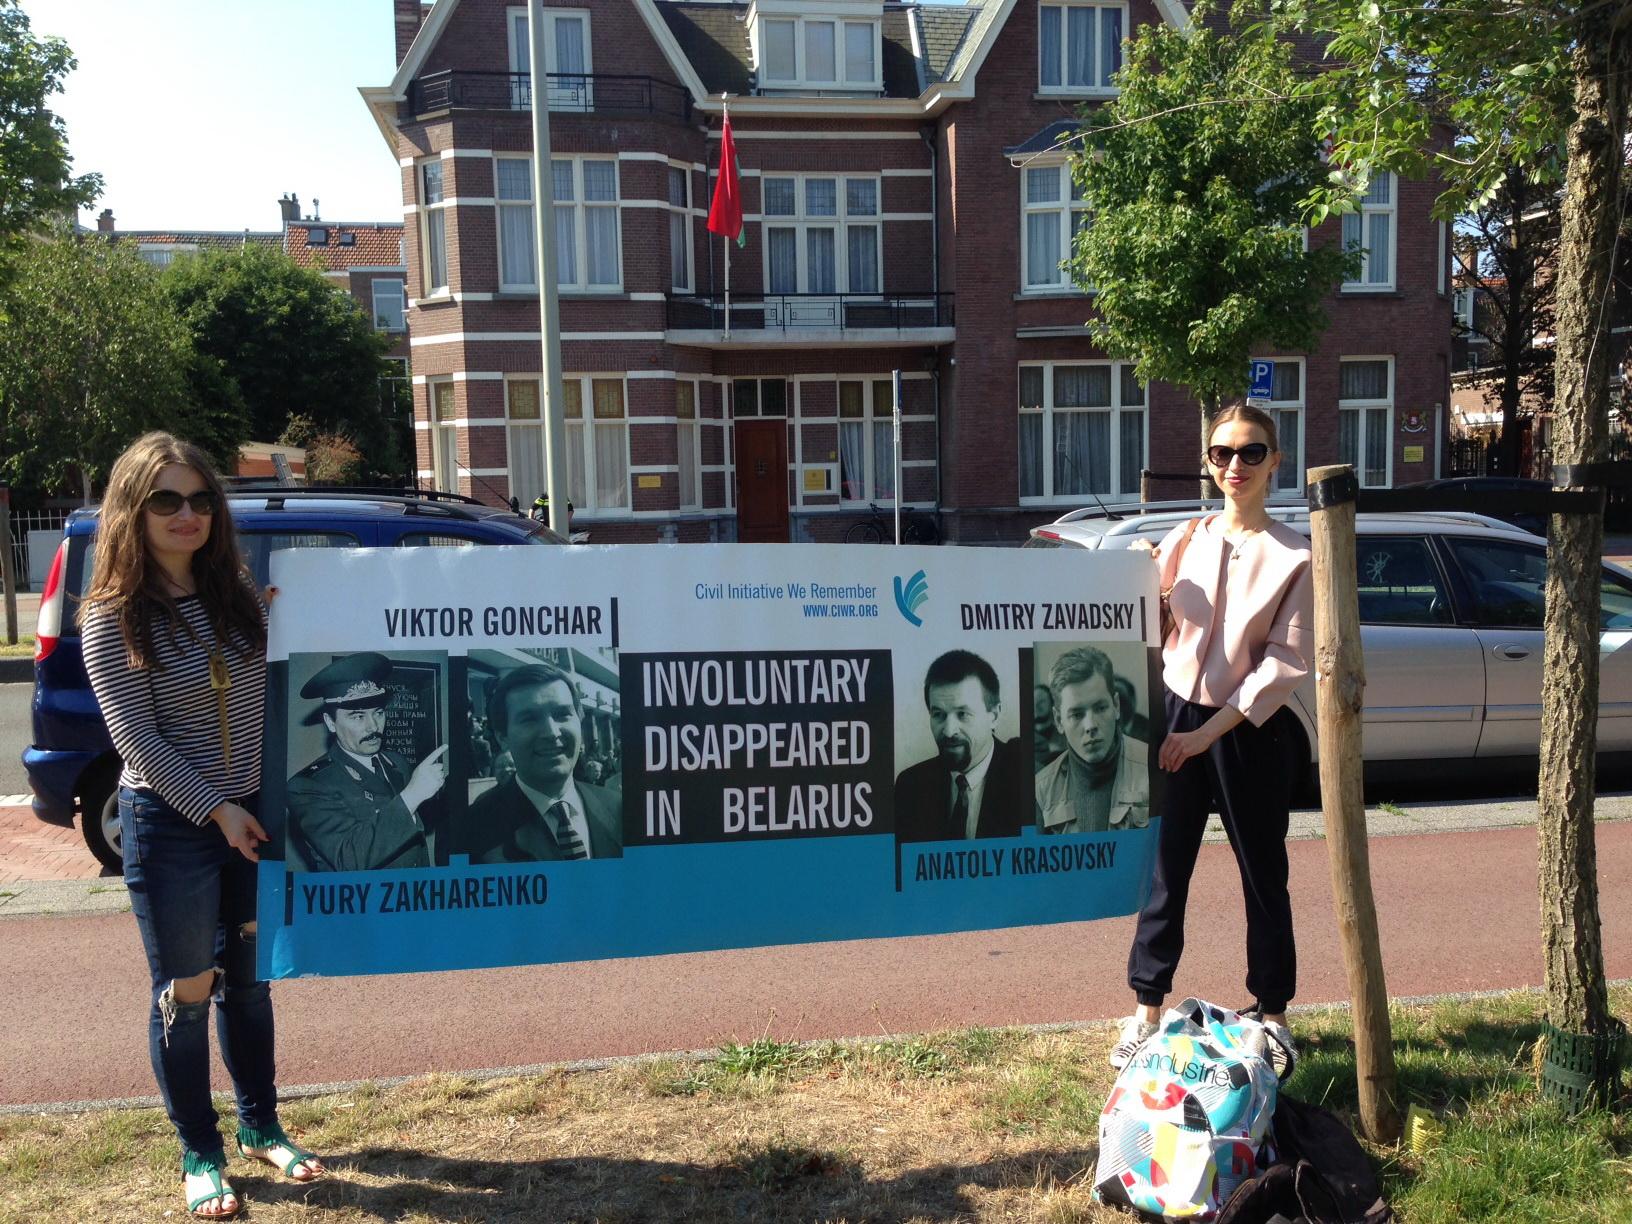 Акция солидарности с семьями исчезнувших белорусов прошла сегодня в Гааге